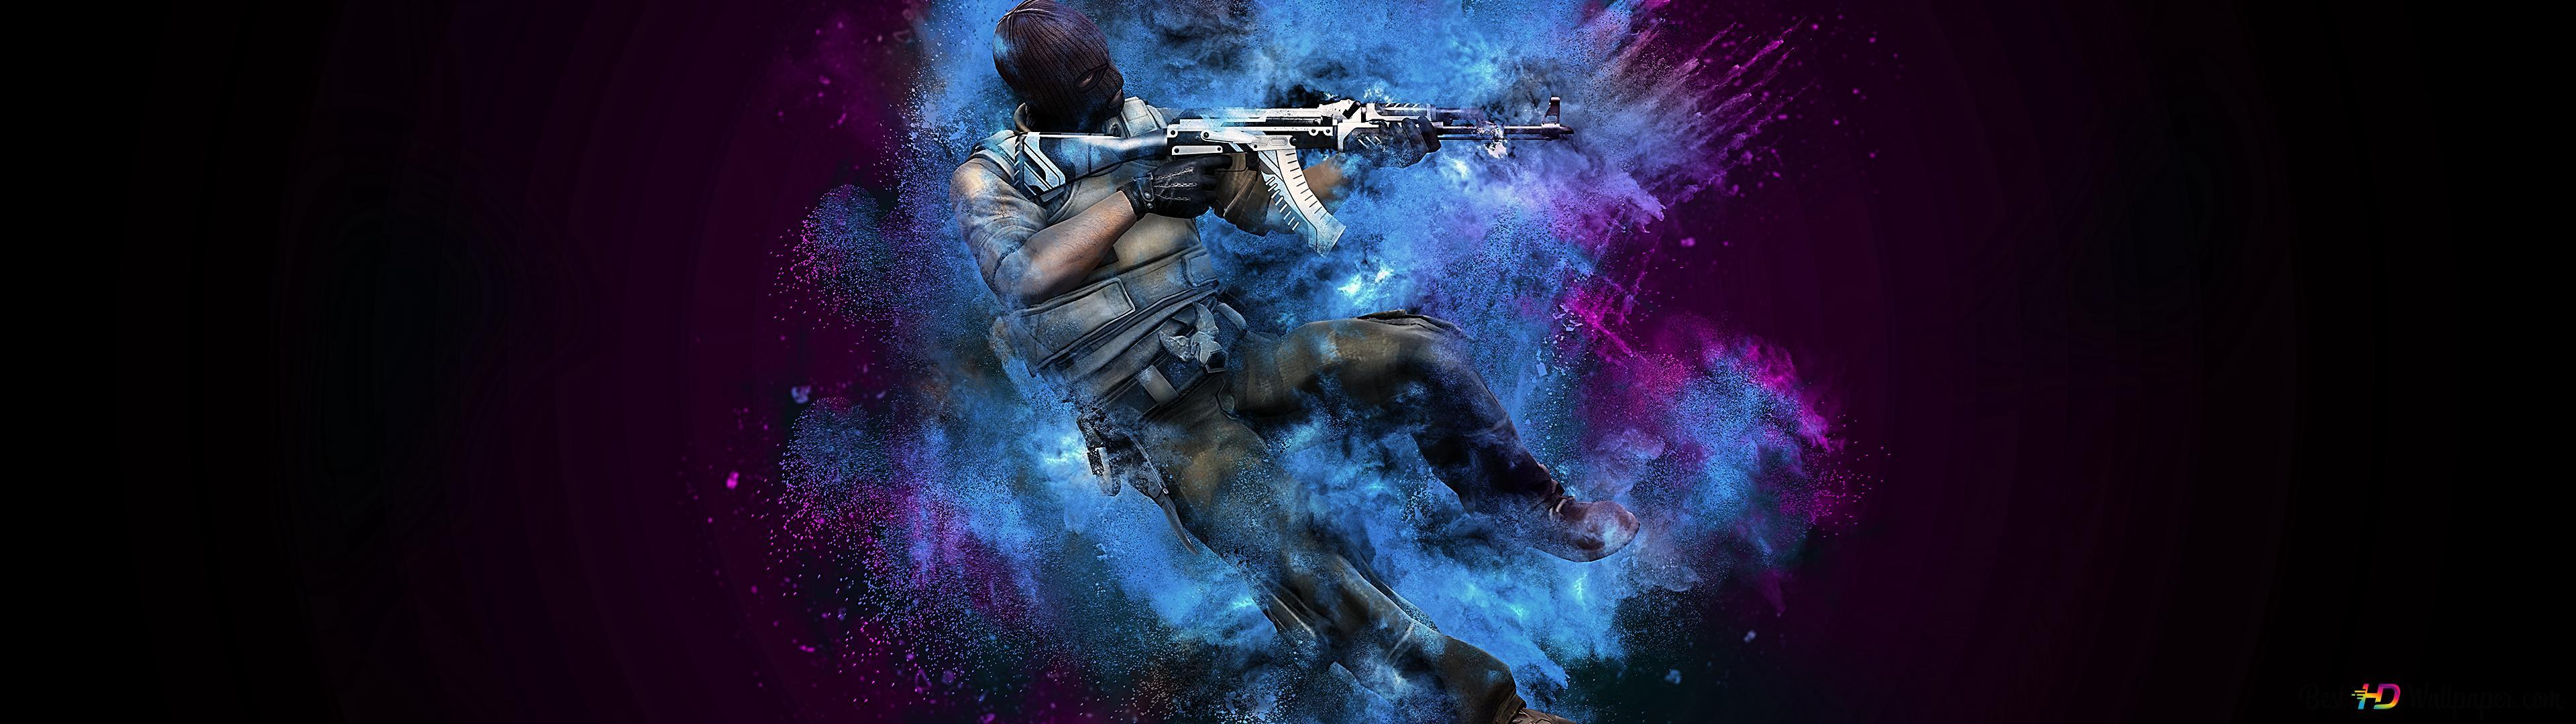 Descargar Fondo De Pantalla Counter Strike Counter